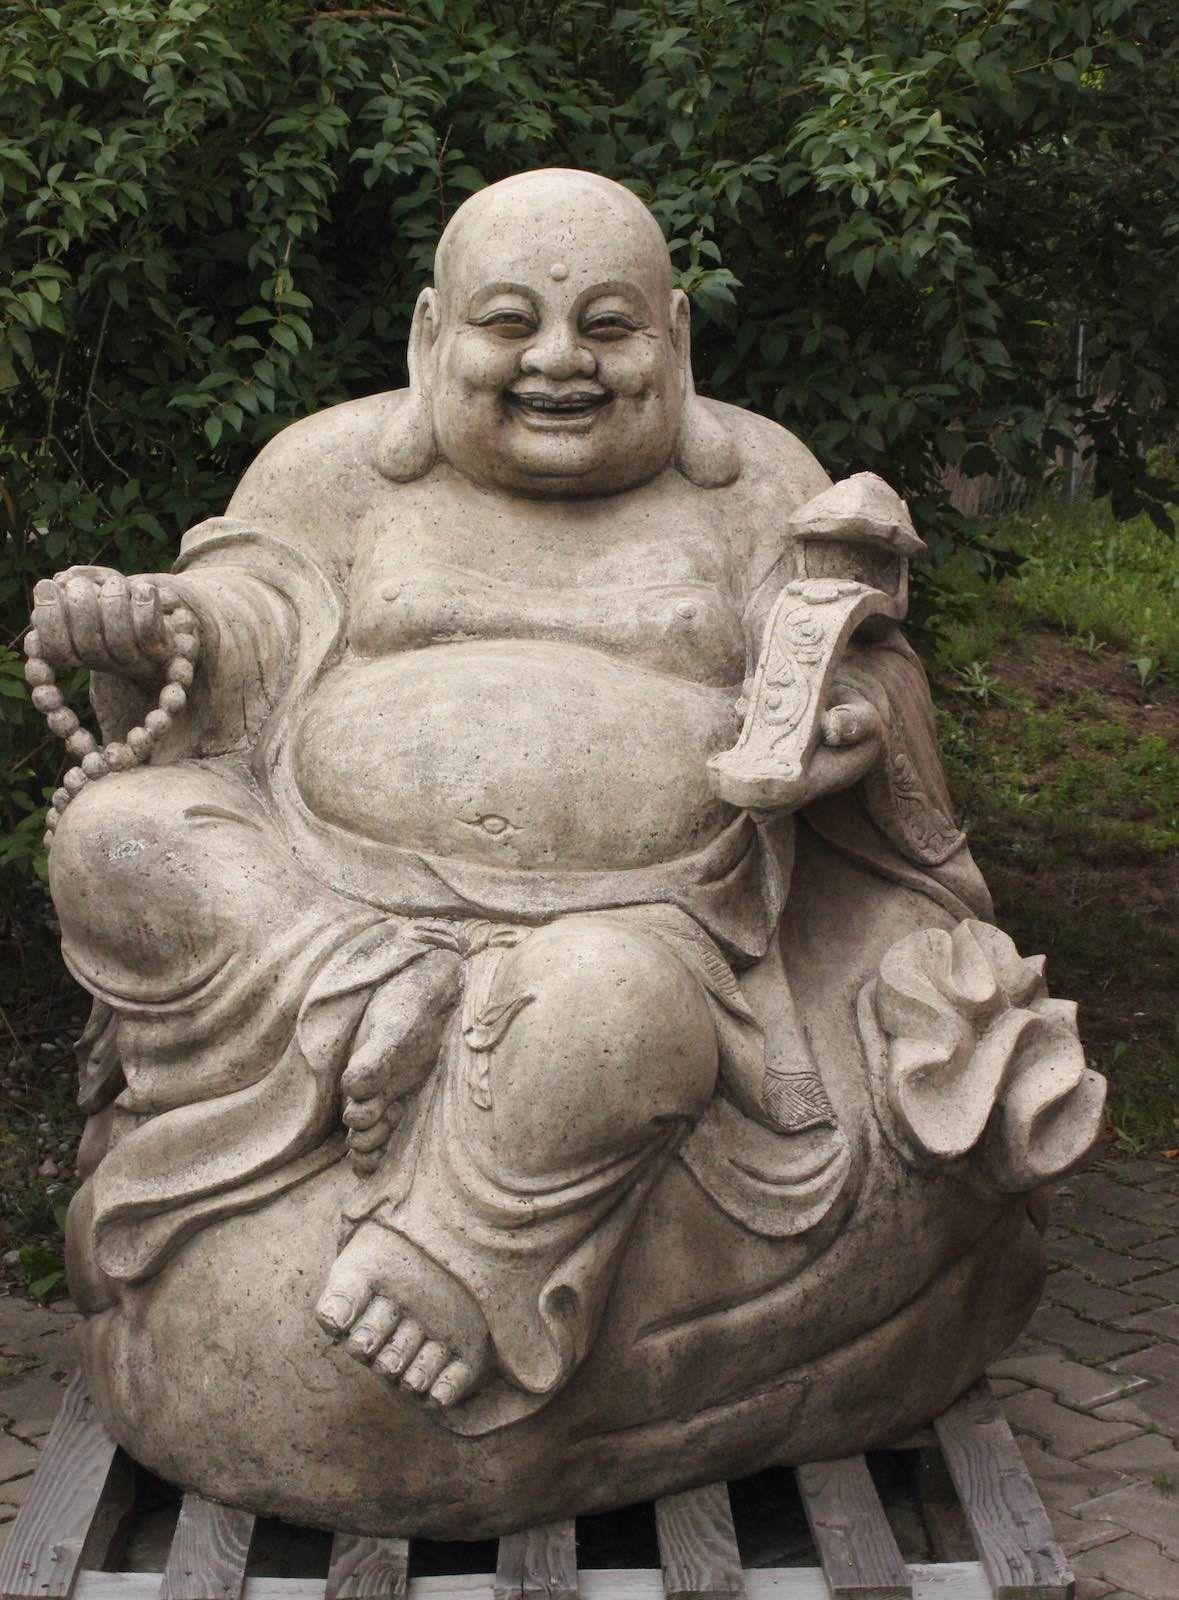 Hierbei Handelt Es Sich Um Eine Sehr Grosse Hotai Buddha Statue Aus Granit Stein Der Edle Buddah Ist Ein Echter Blickfang Buddha Buddha Kunst Lachender Buddha